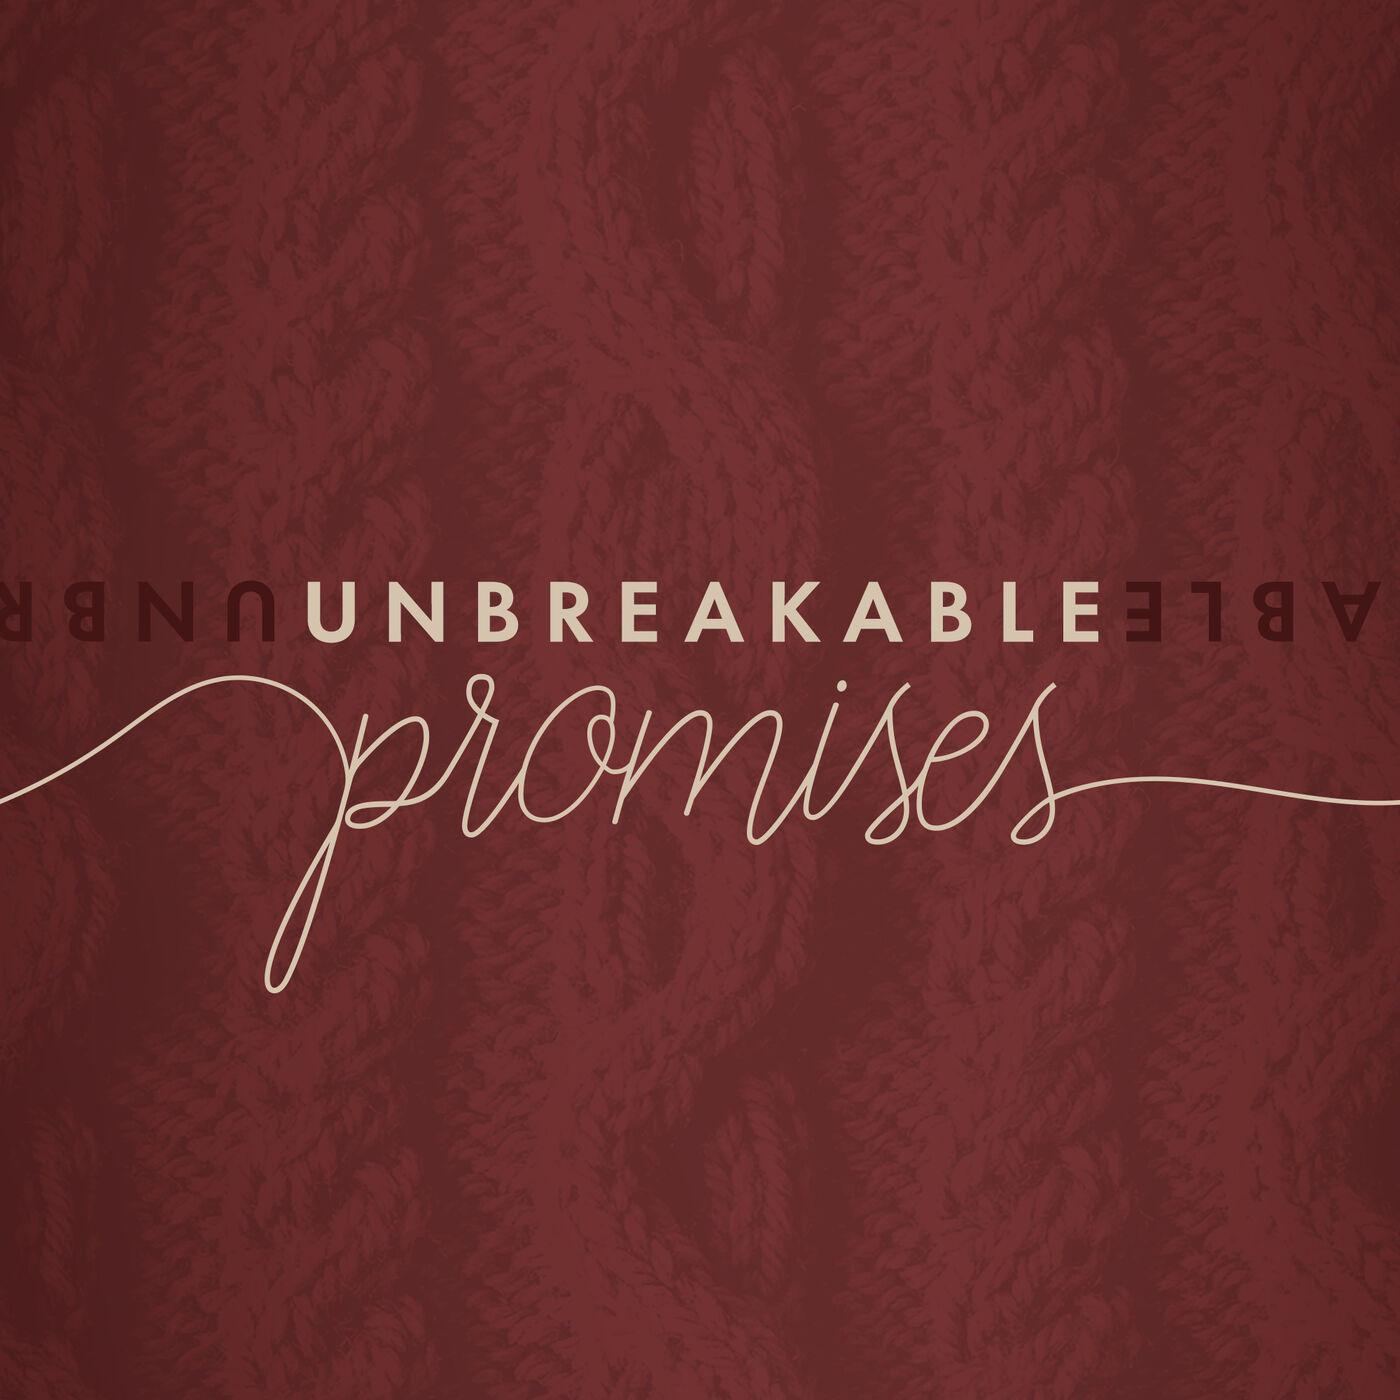 Unbreakable Promises - To Fix What's Broken (Week 4)